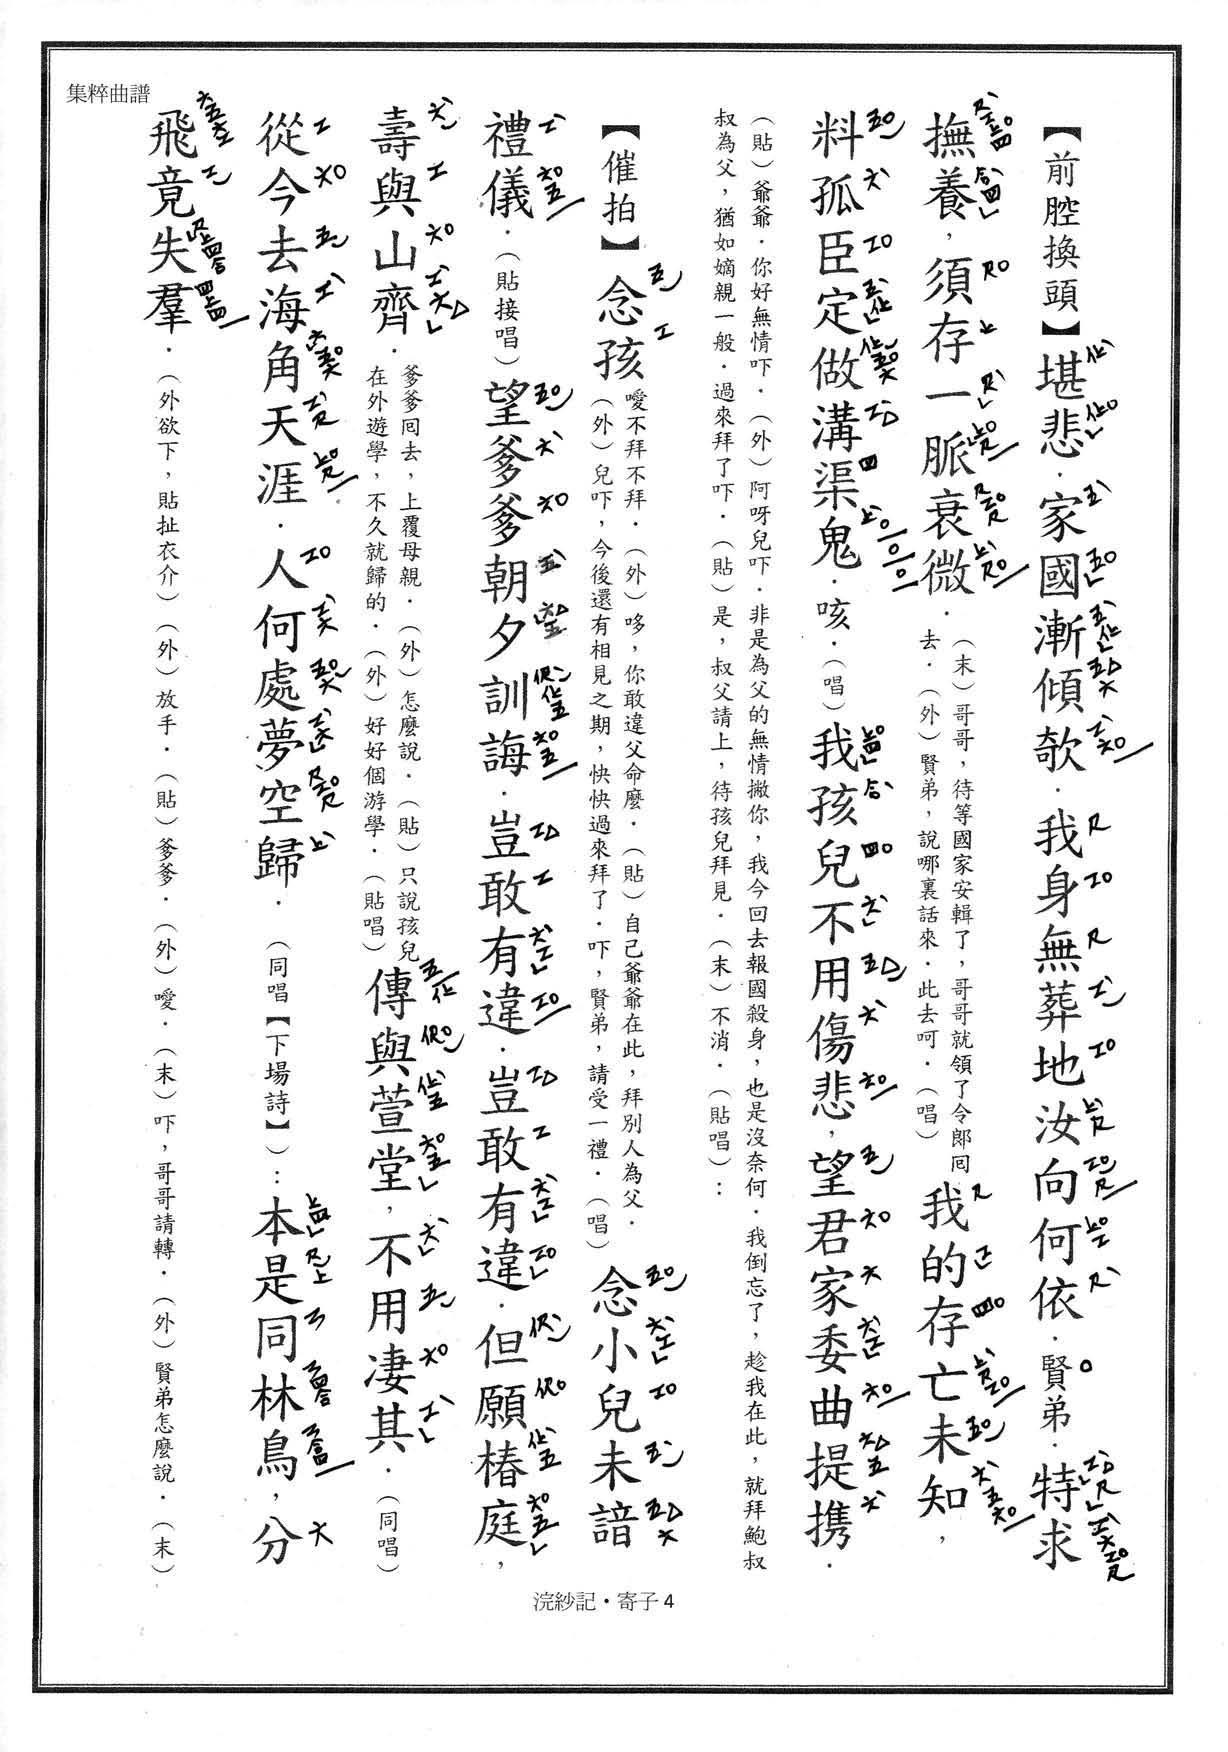 (崑曲)集粹曲譜(含簡體字簡譜): 寄子(浣紗記) | 集粹曲譜